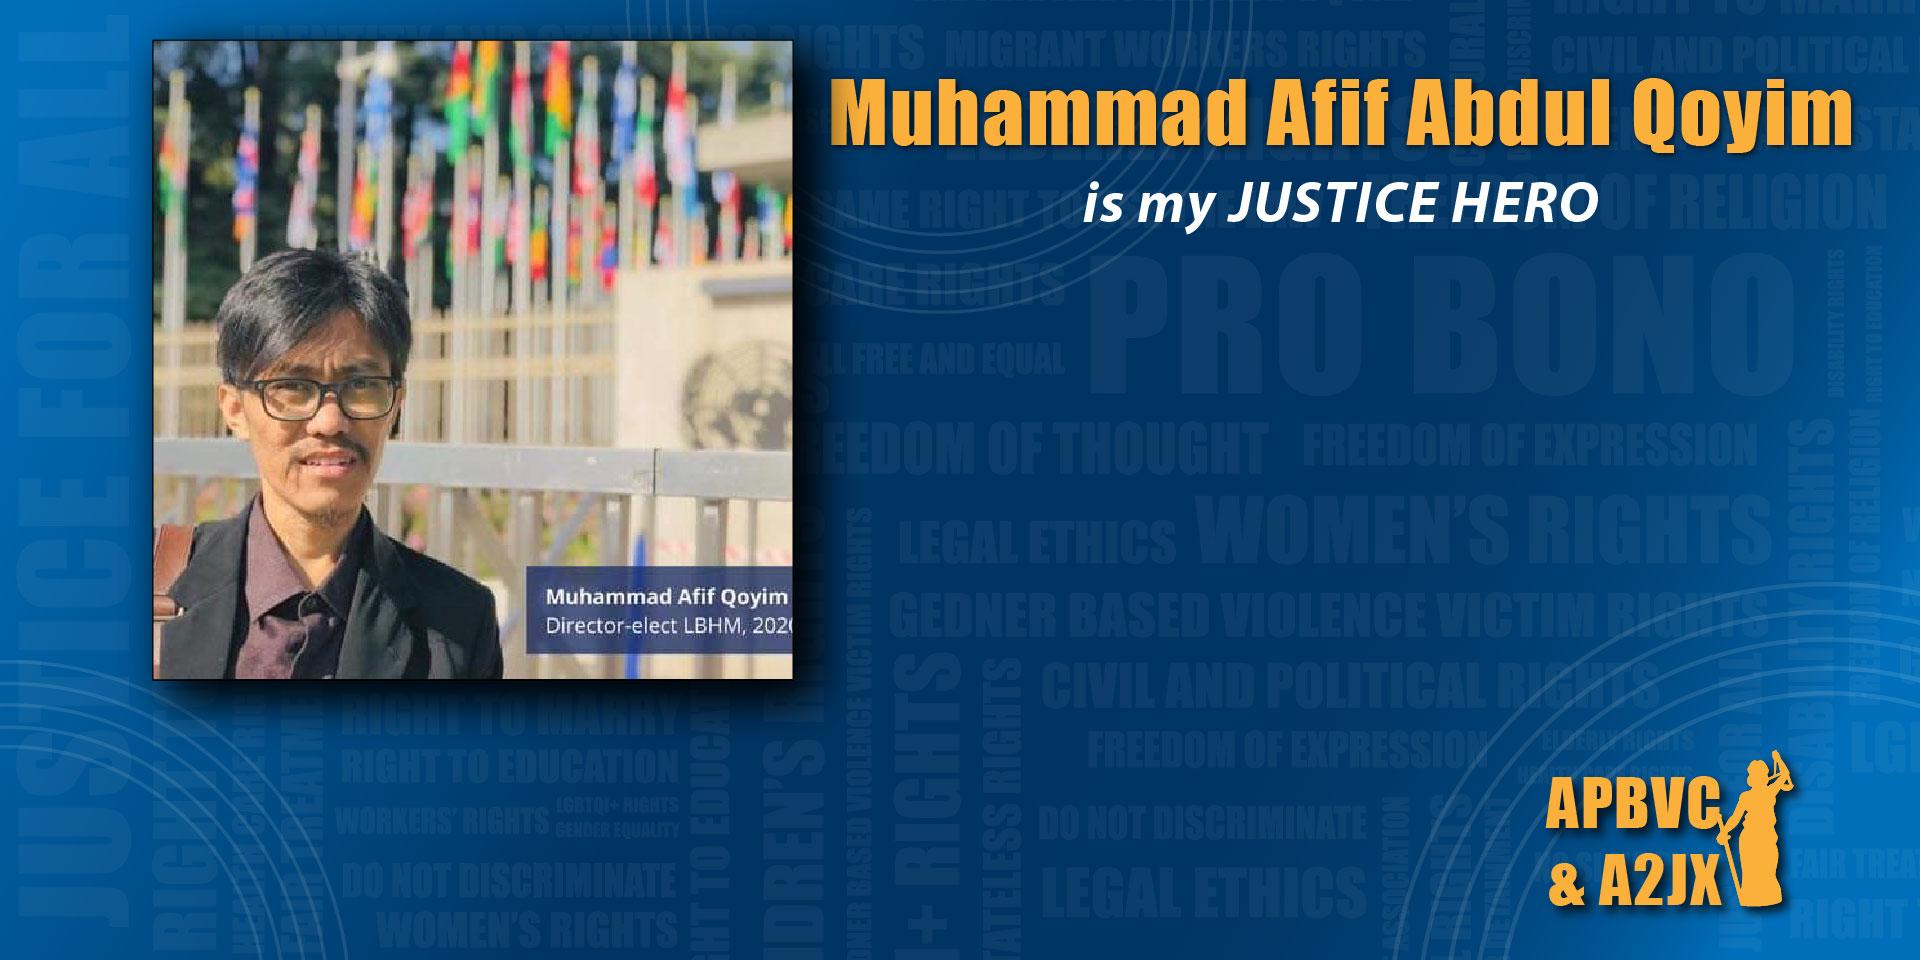 Muhammad Afif AbdulQoyim